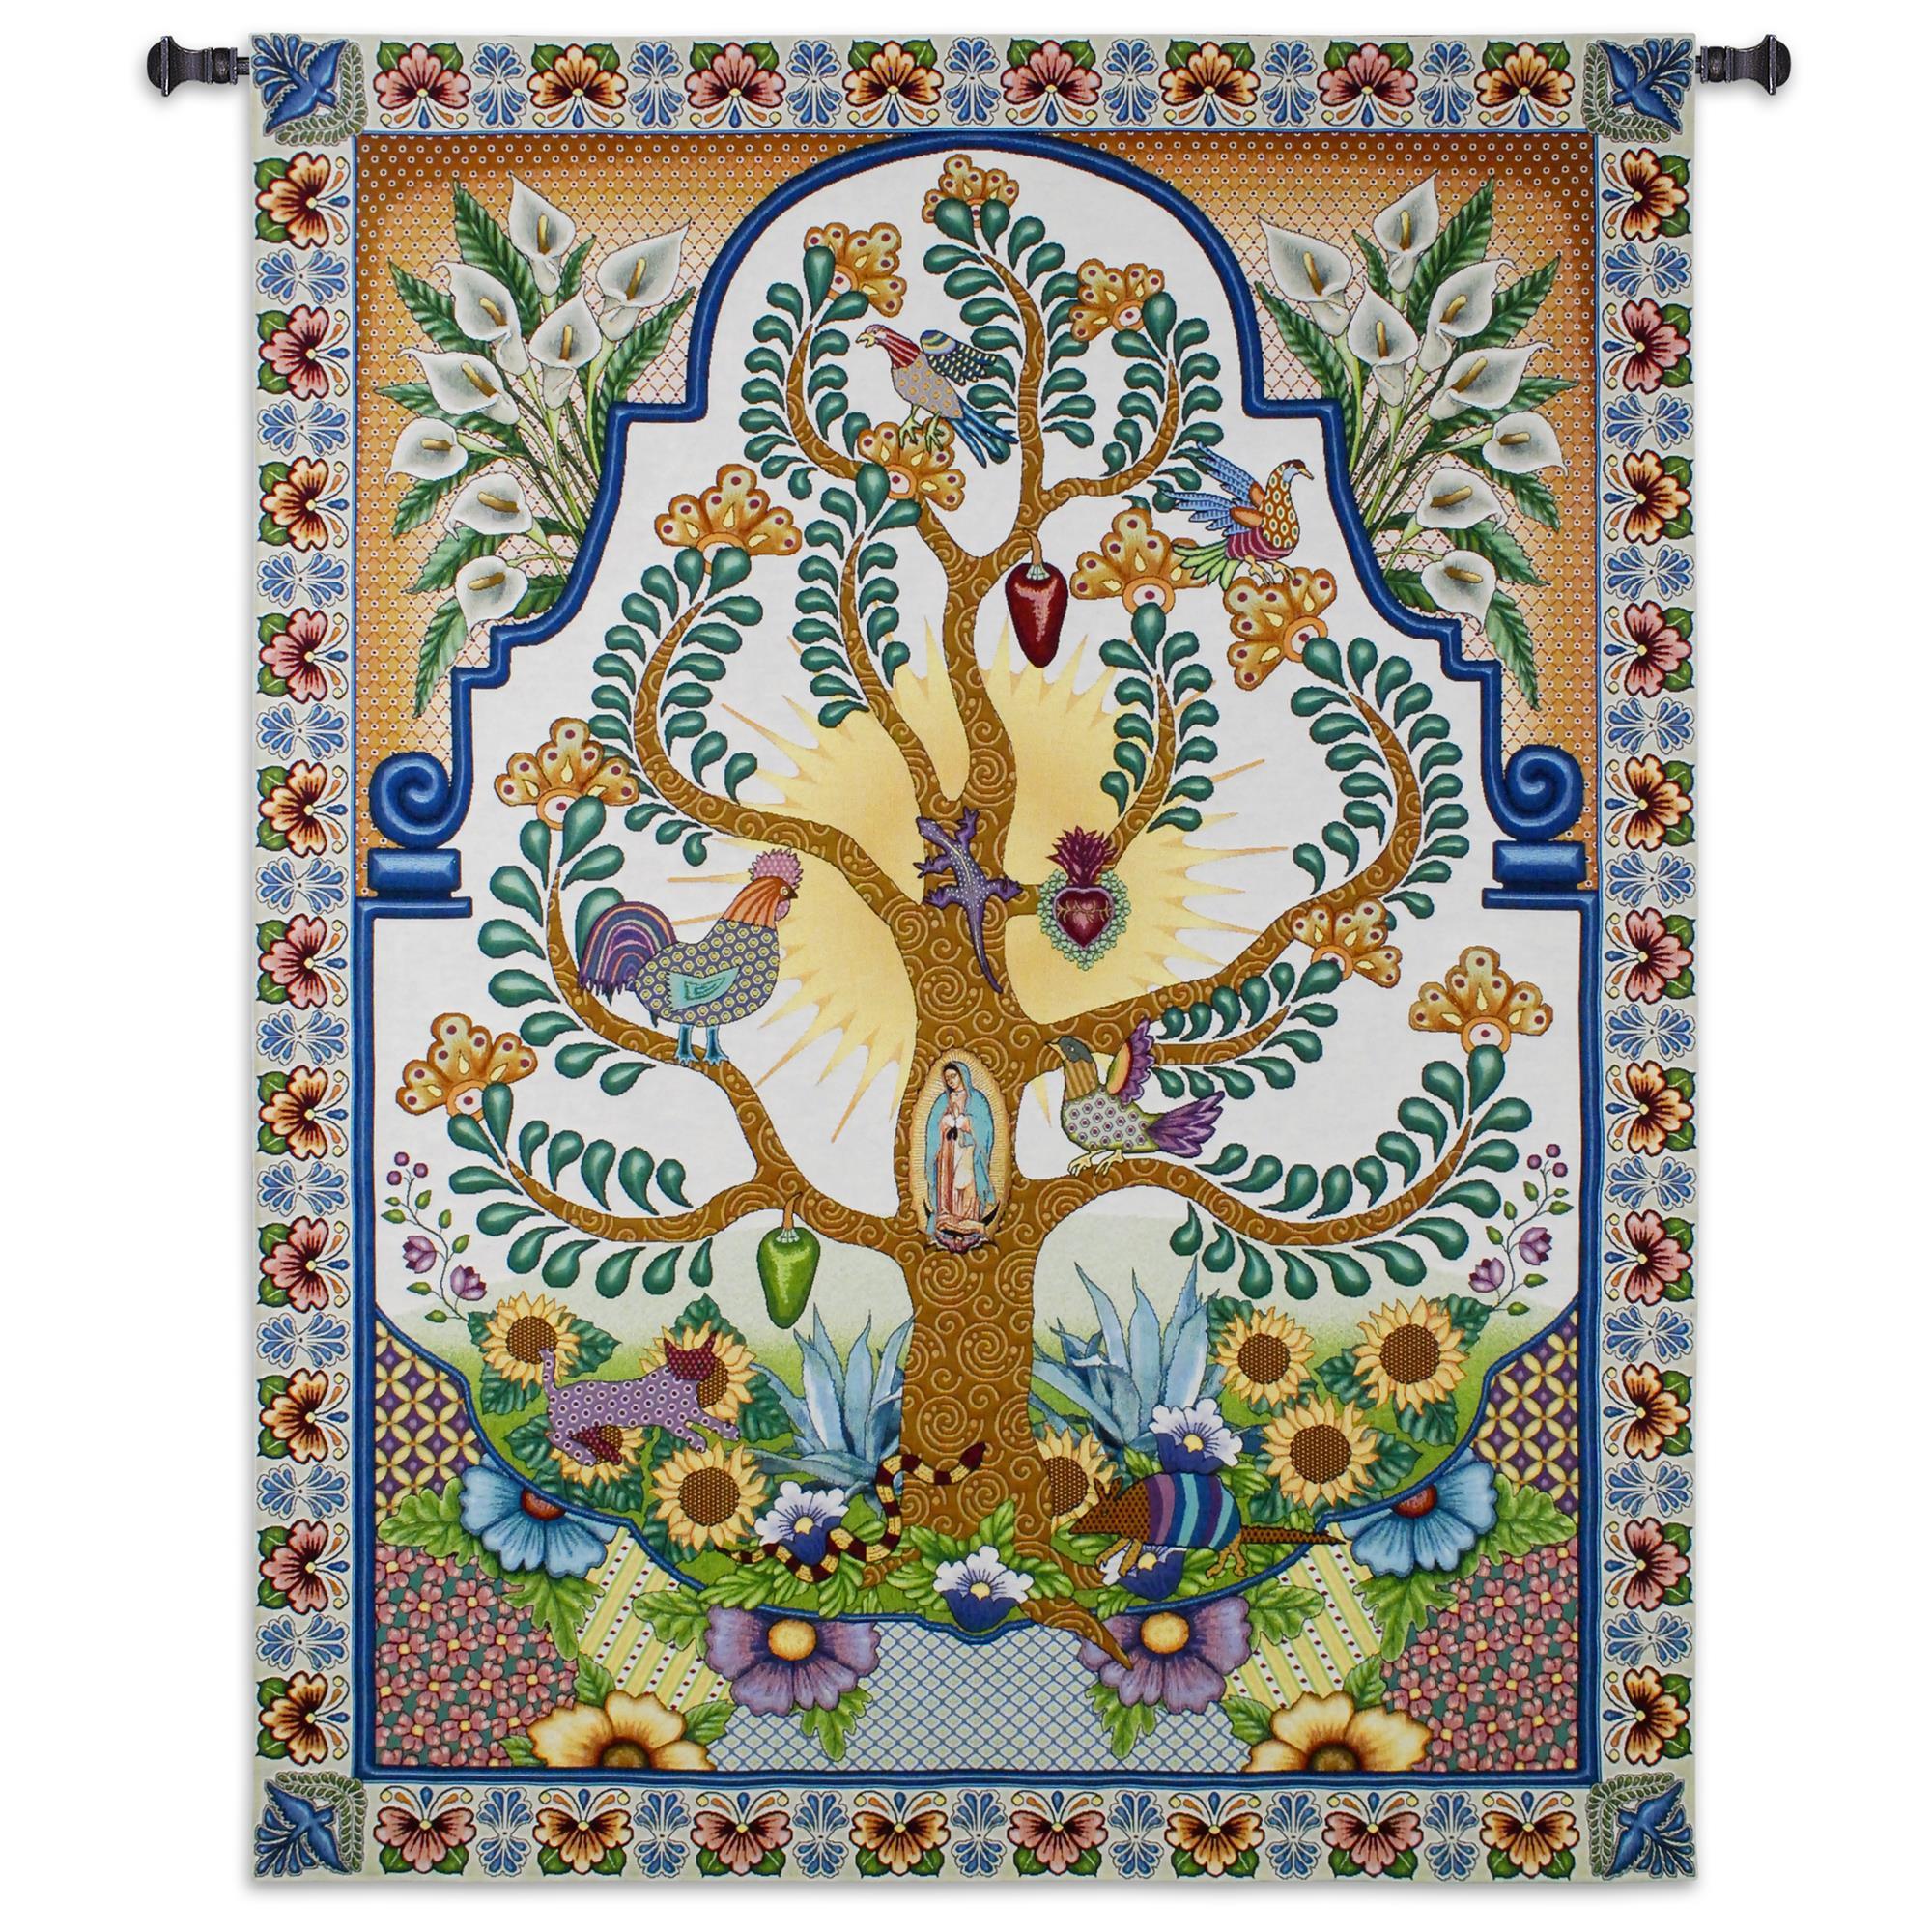 Arboles De La Vida Tapestry Wall Hanging